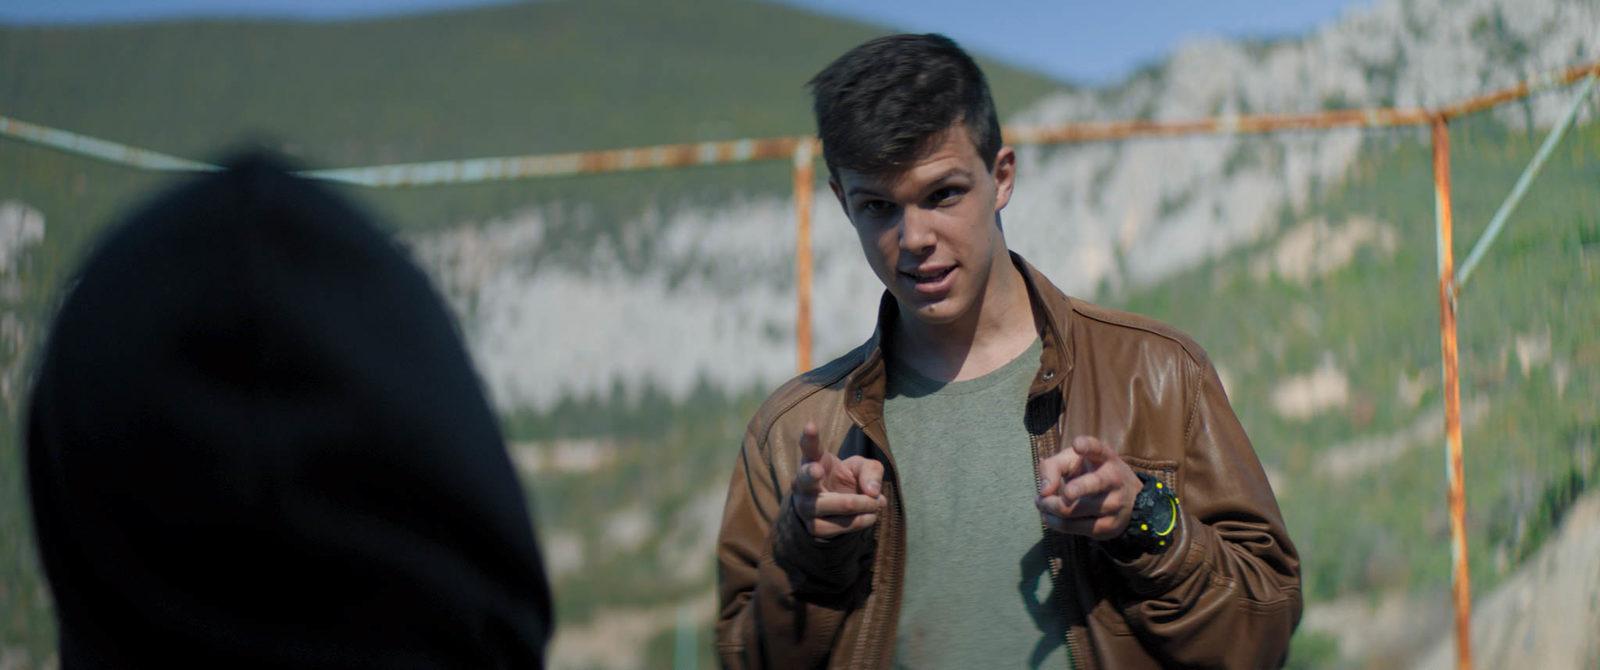 Молчаливый подросток Глеб Калюжный отправится в летний лагерь